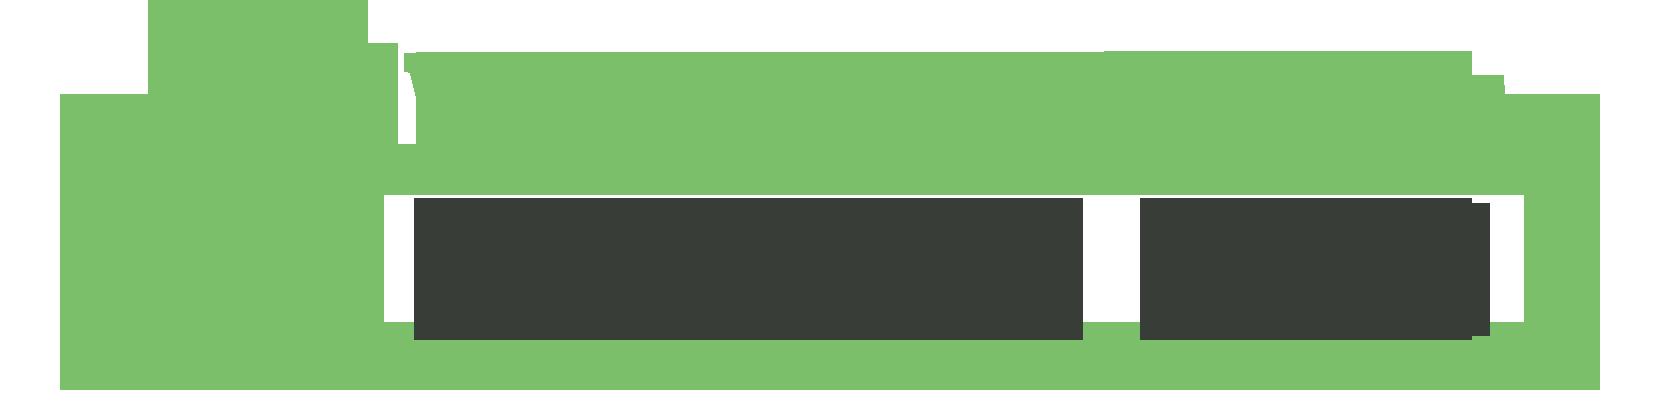 Nasıl Whatsapp'tan Sipariş Verebilirim